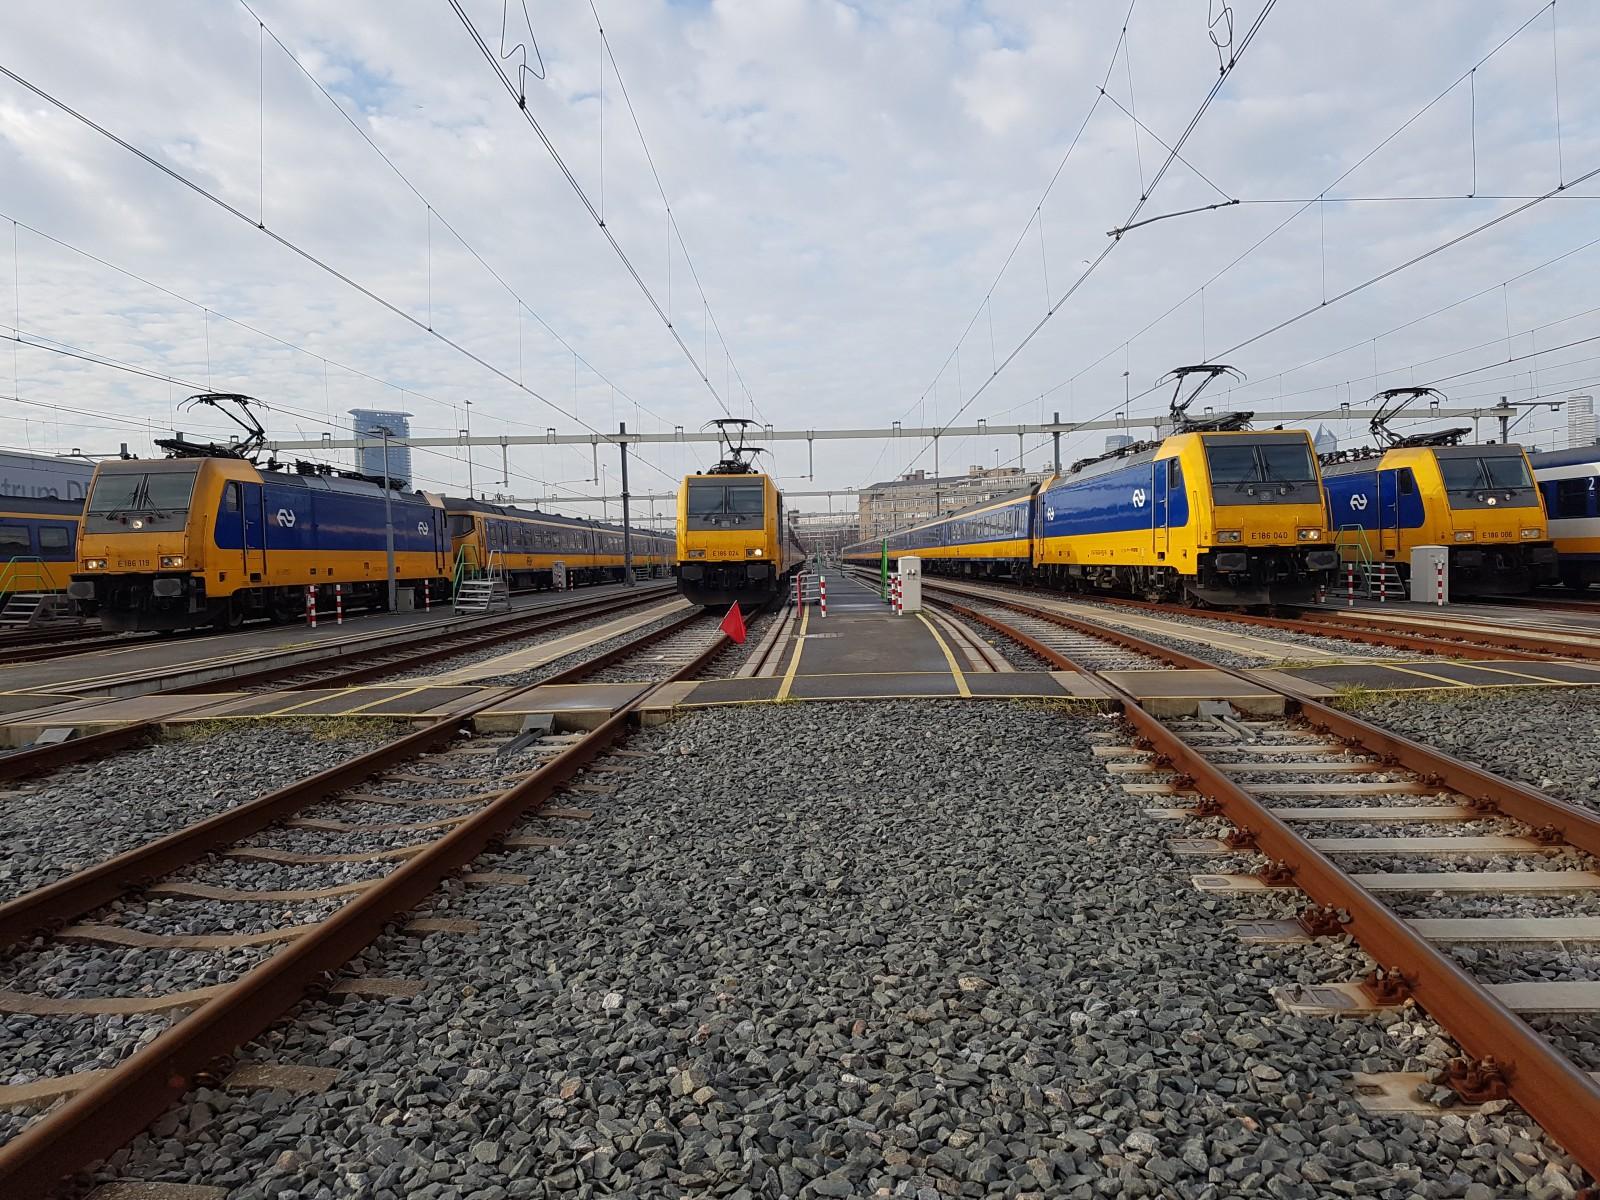 Maandag starten tests met nieuwe intercity Den Haag - Eindhoven